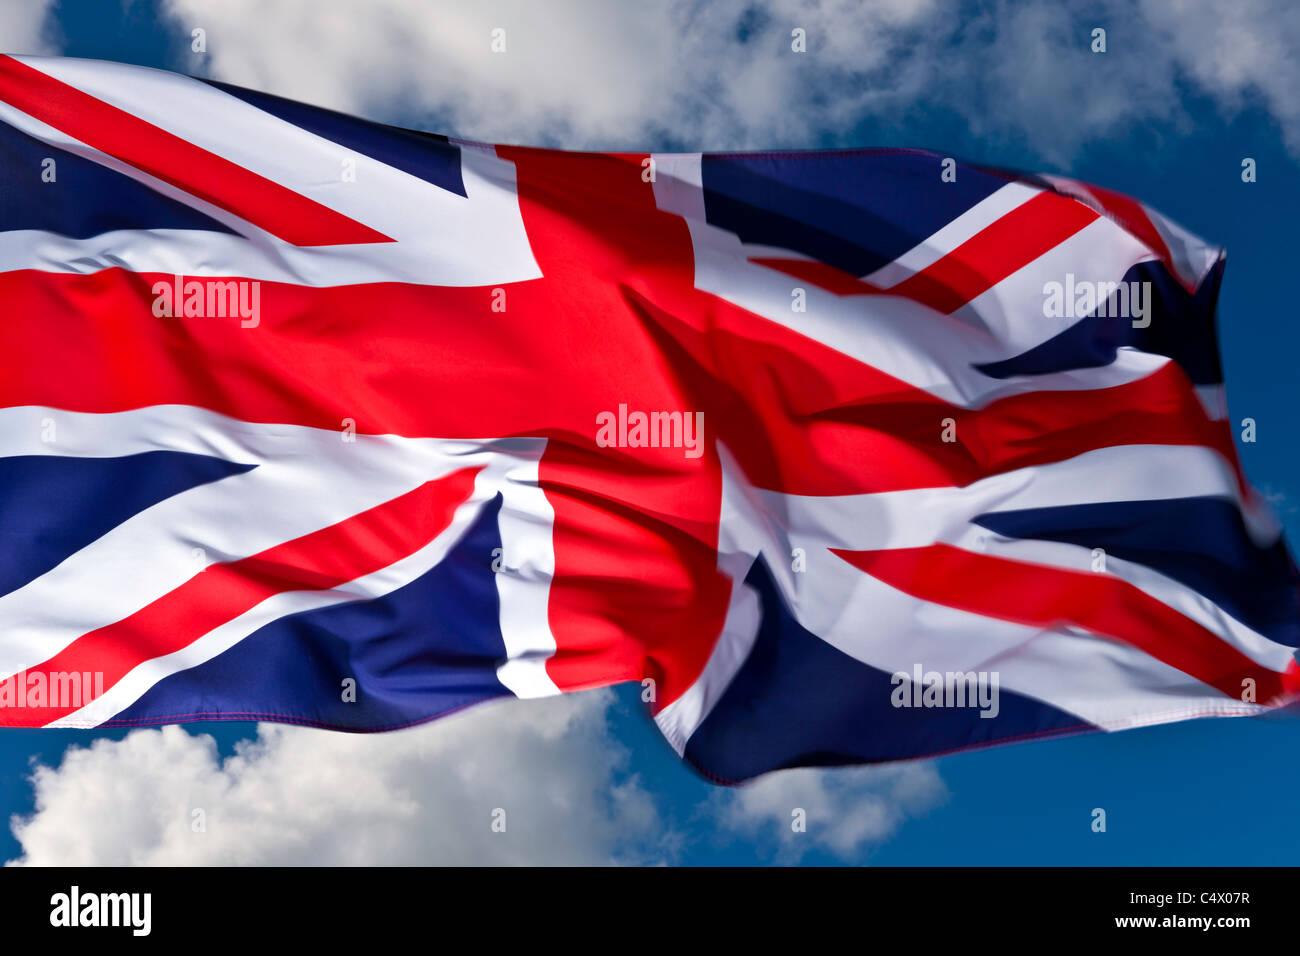 'Union Jack' - le drapeau de l'Union européenne Banque D'Images